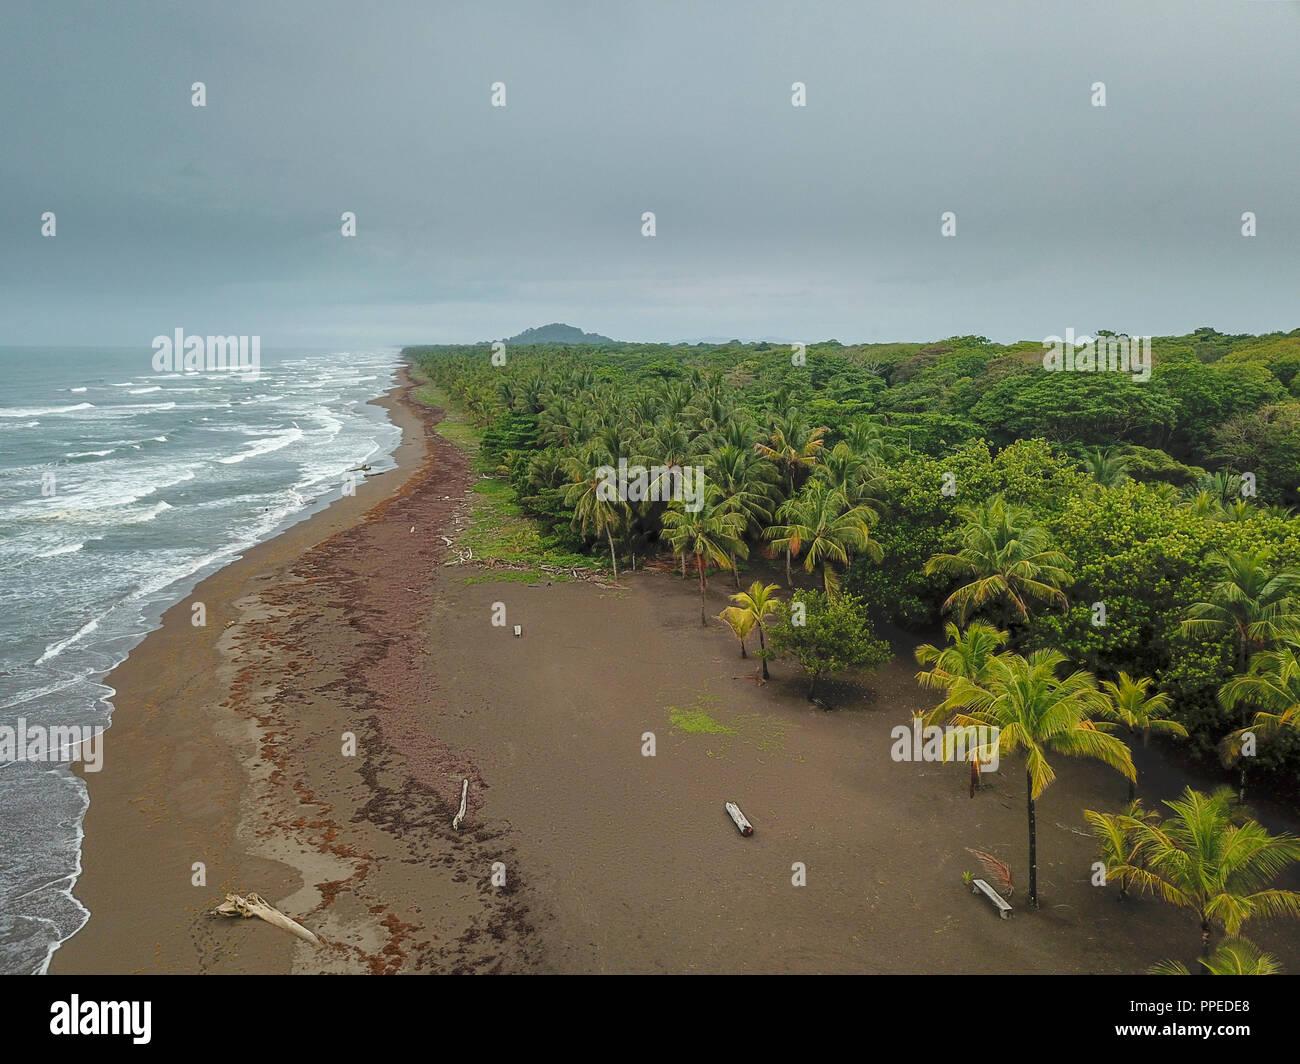 Spiaggia, Parco Nazionale di Tortuguero, Costa Rica Immagini Stock